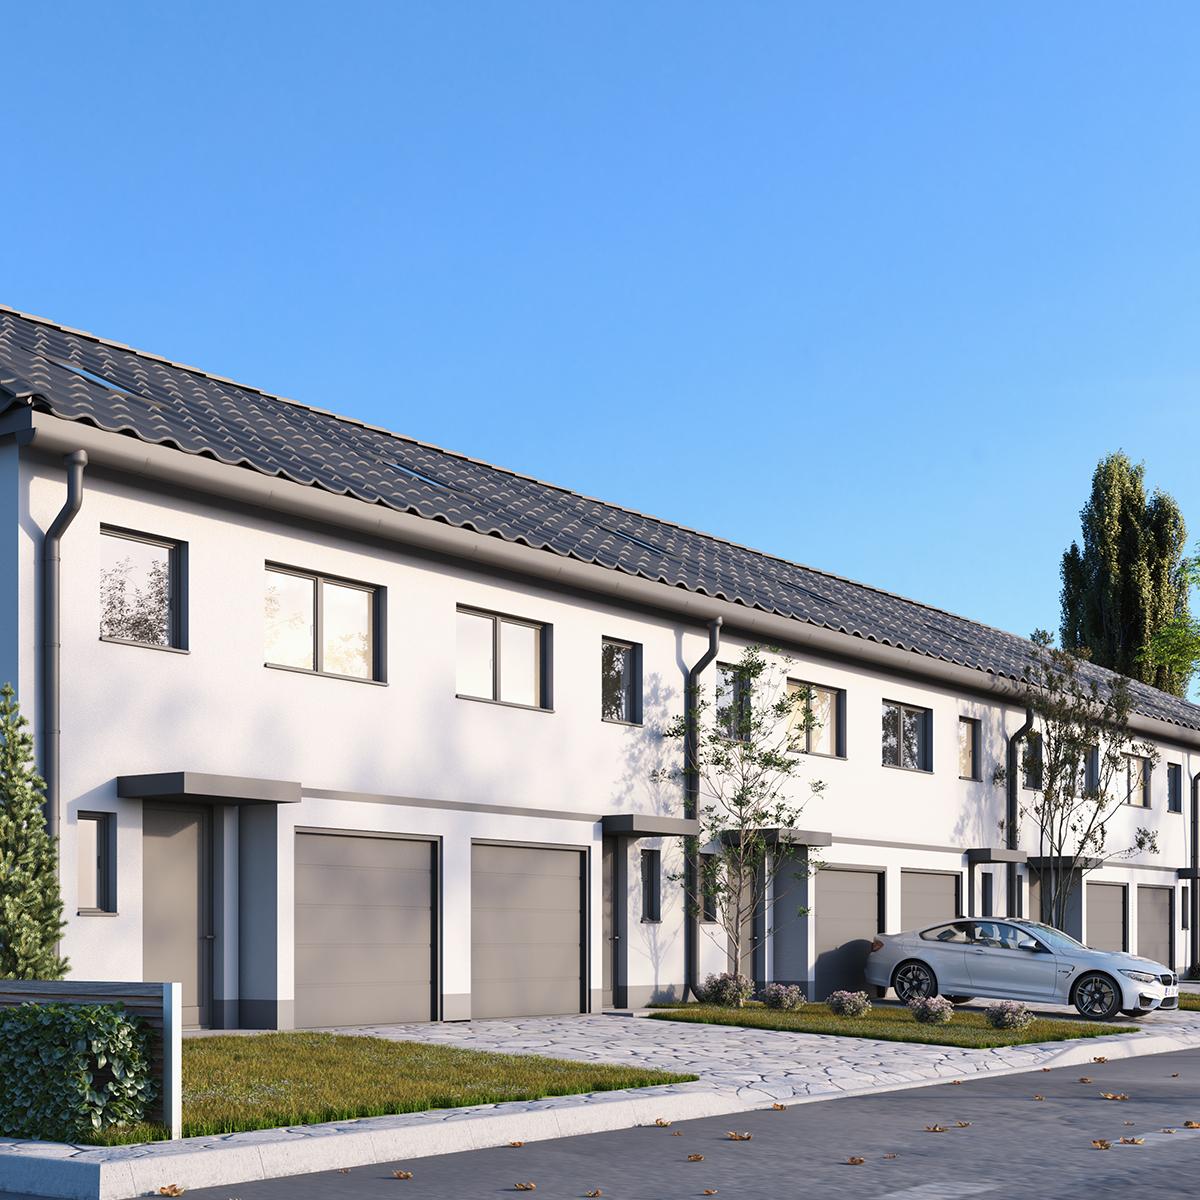 Münchner Immobilienmarkt · Häuser, Wohnungen, Grundstücke